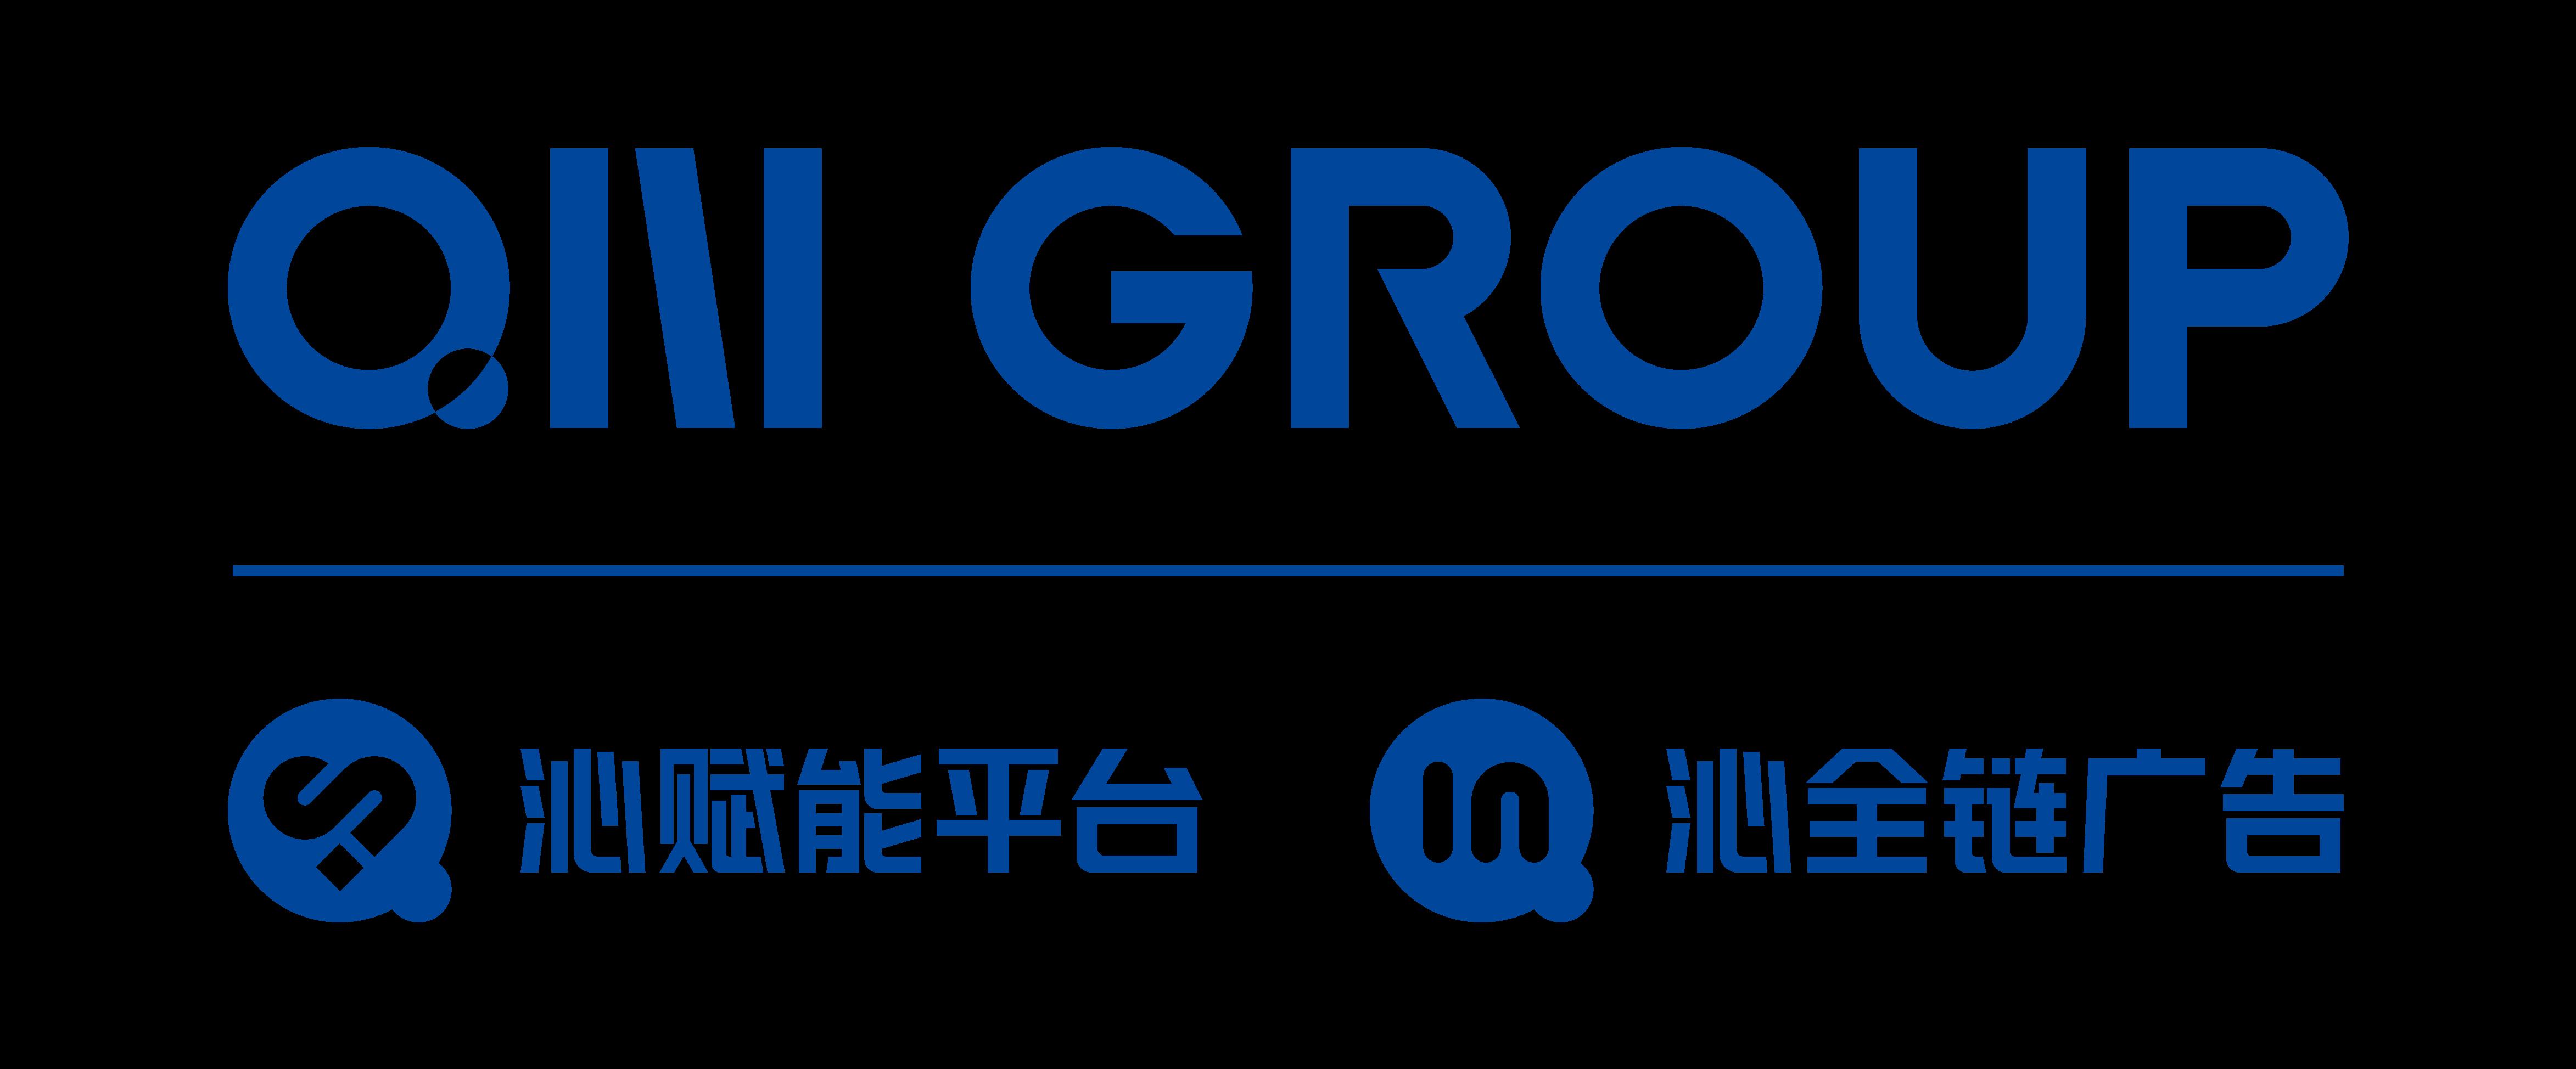 沁集团logo